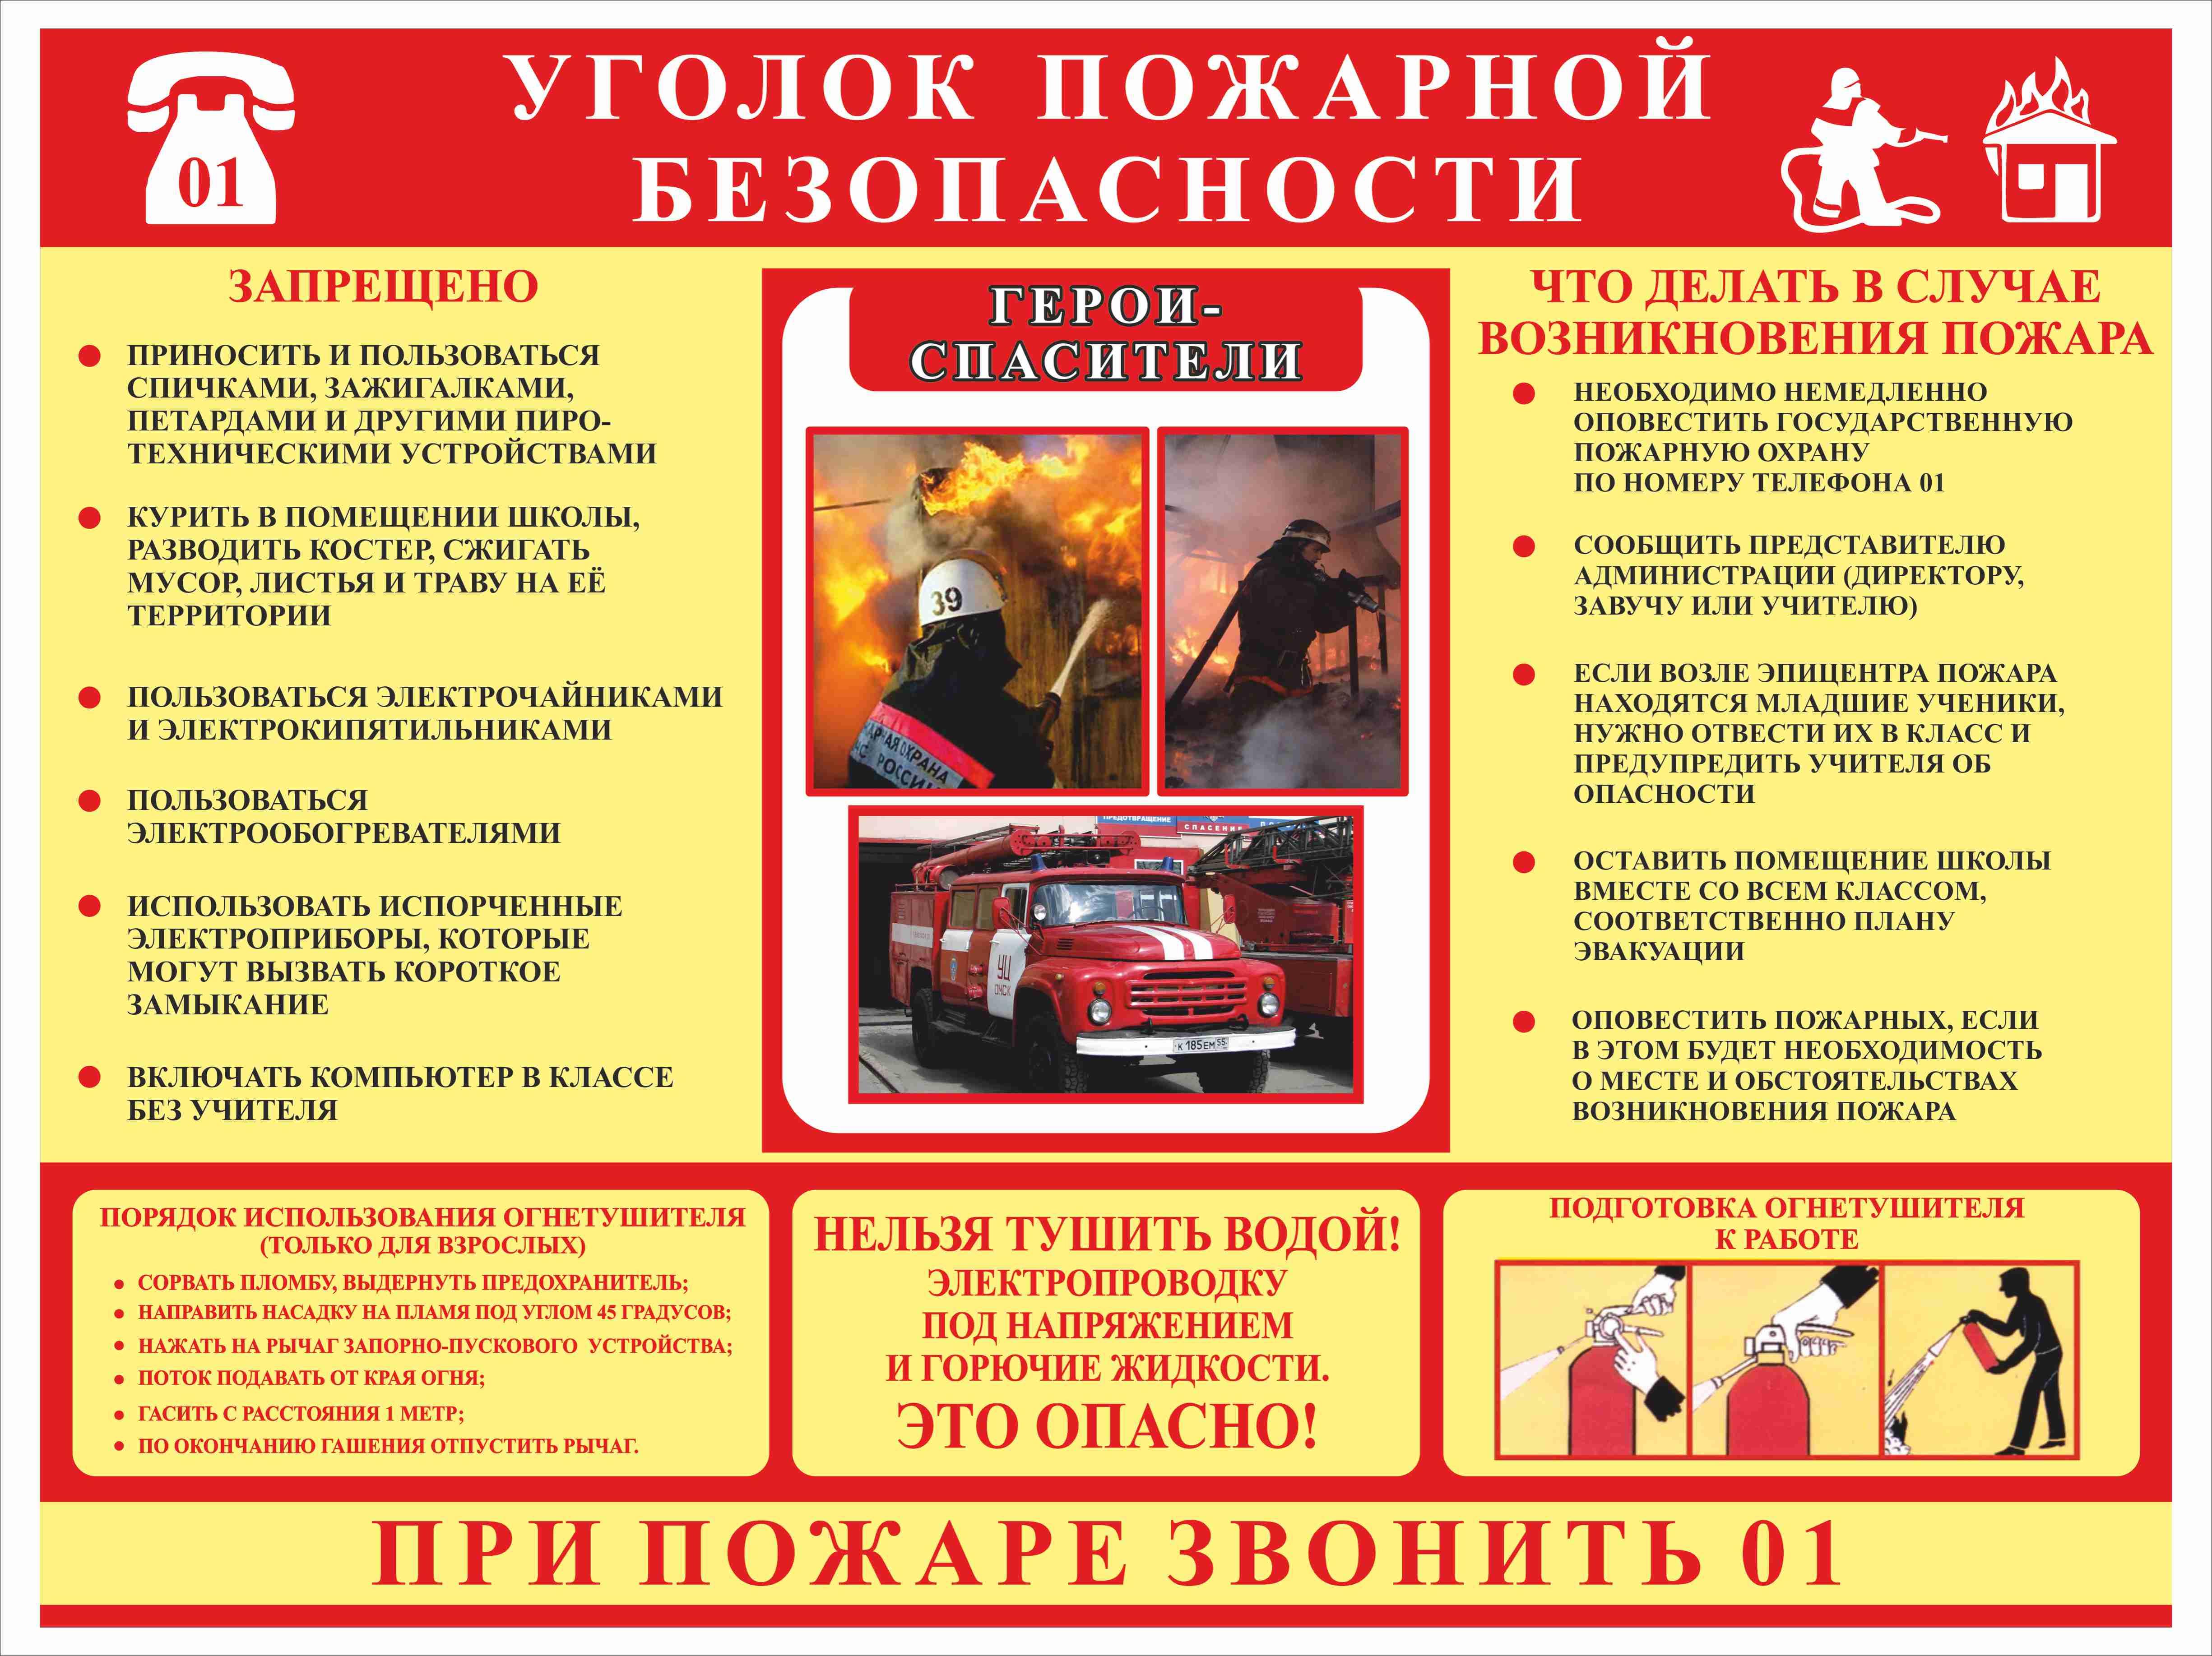 Уголок по пожарной безопасности в школе своими руками фото